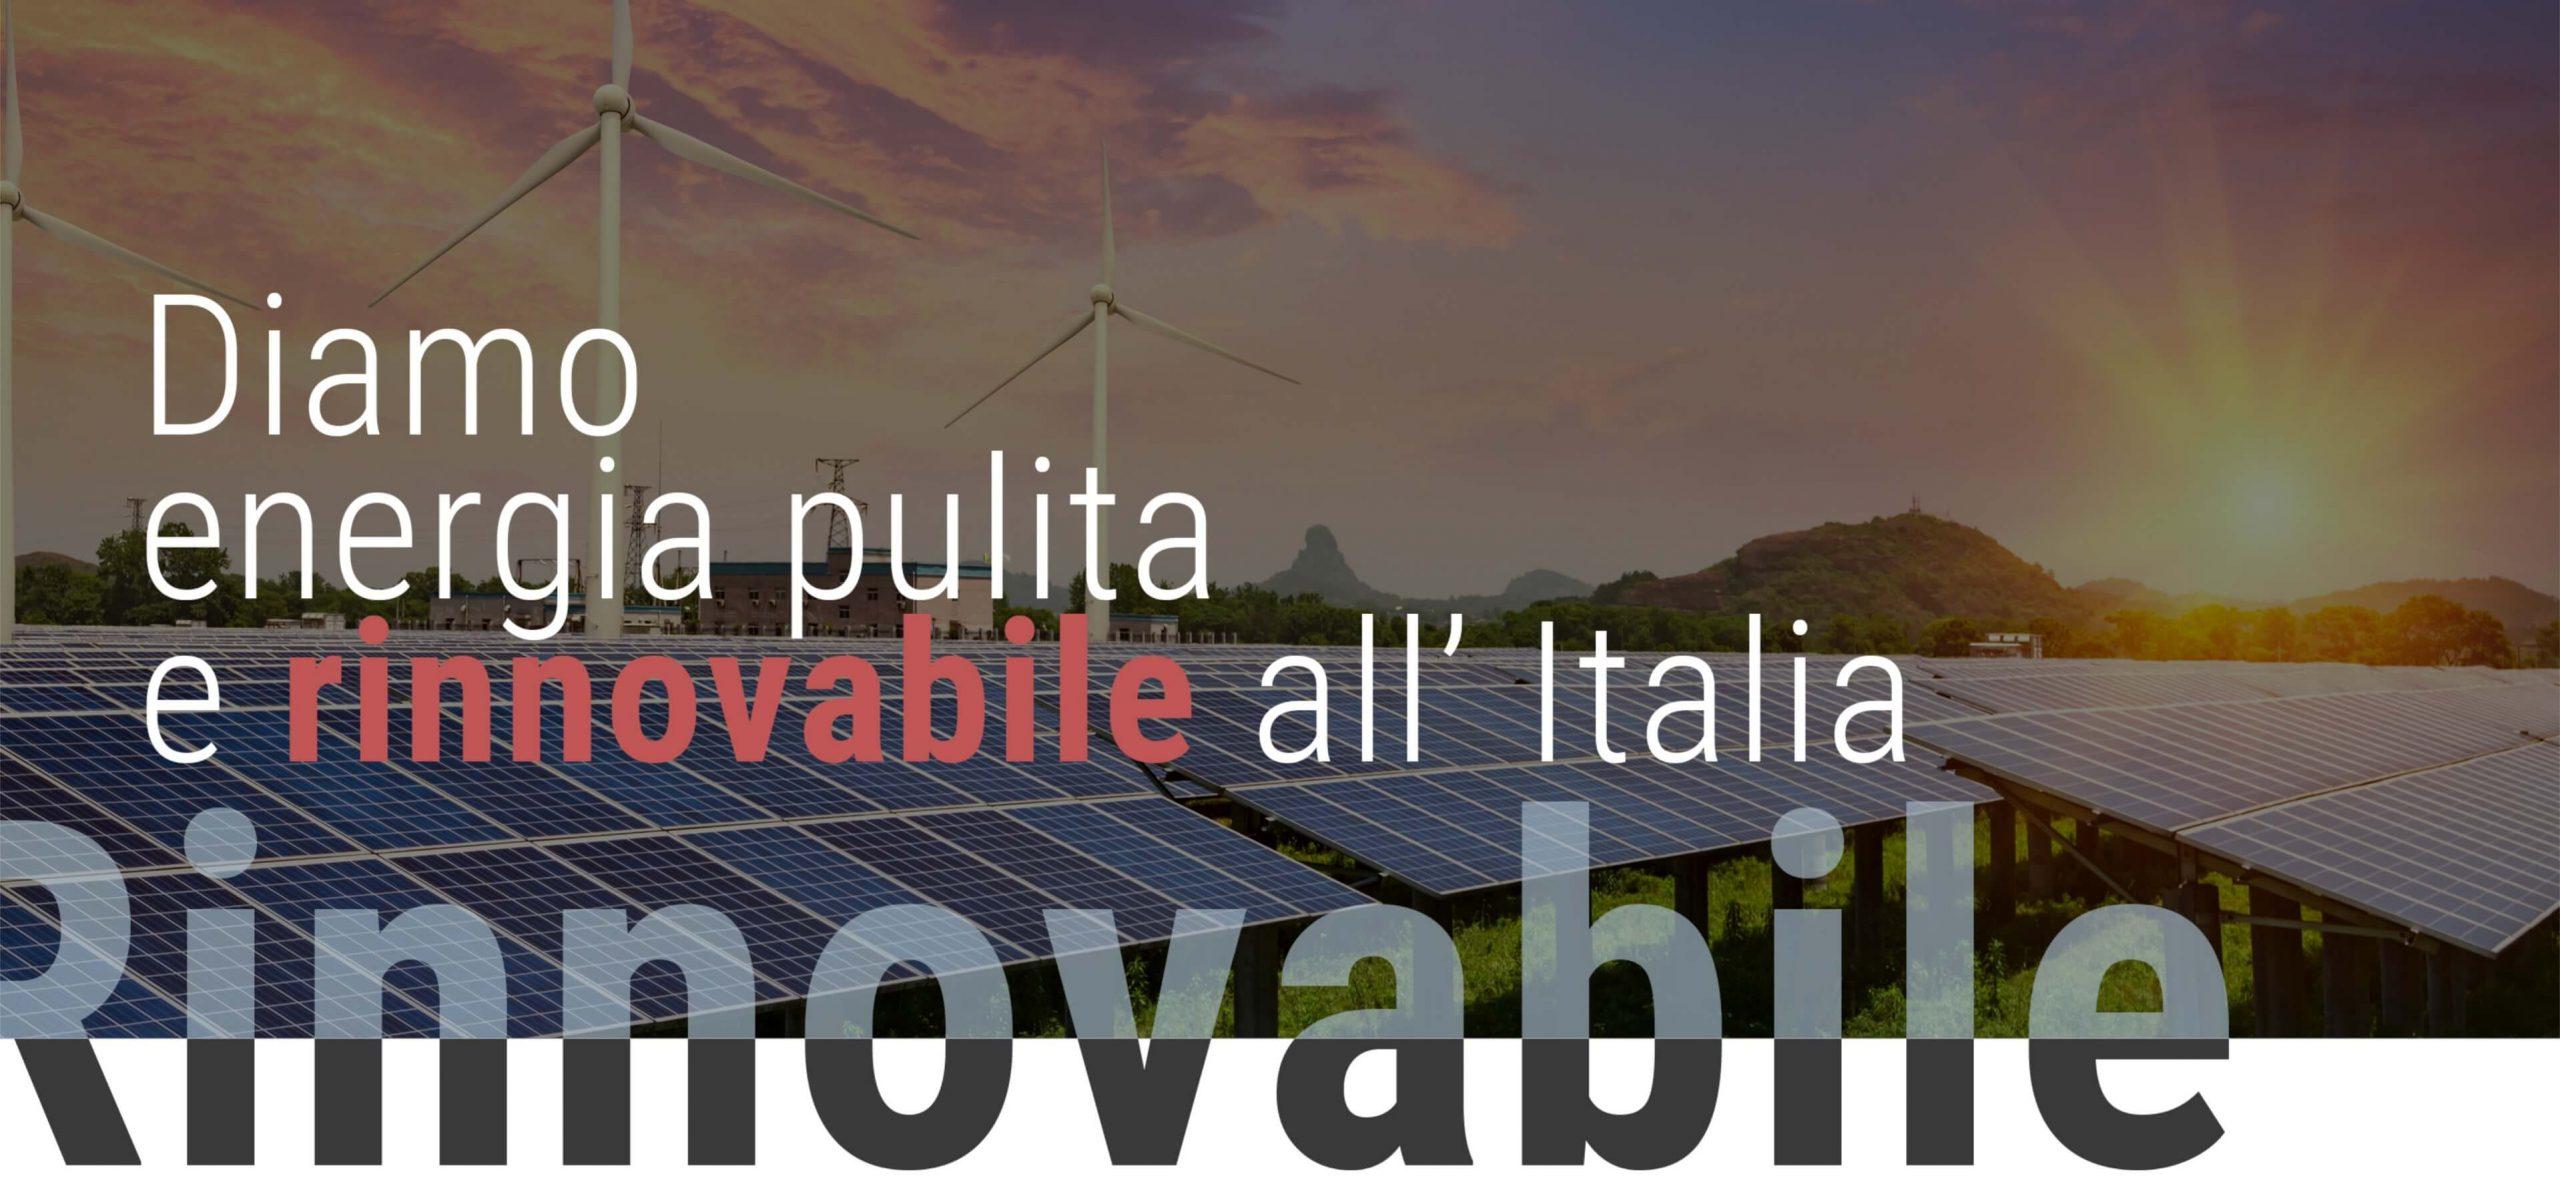 Diamo energia pulita e rinnovabile all'Italia